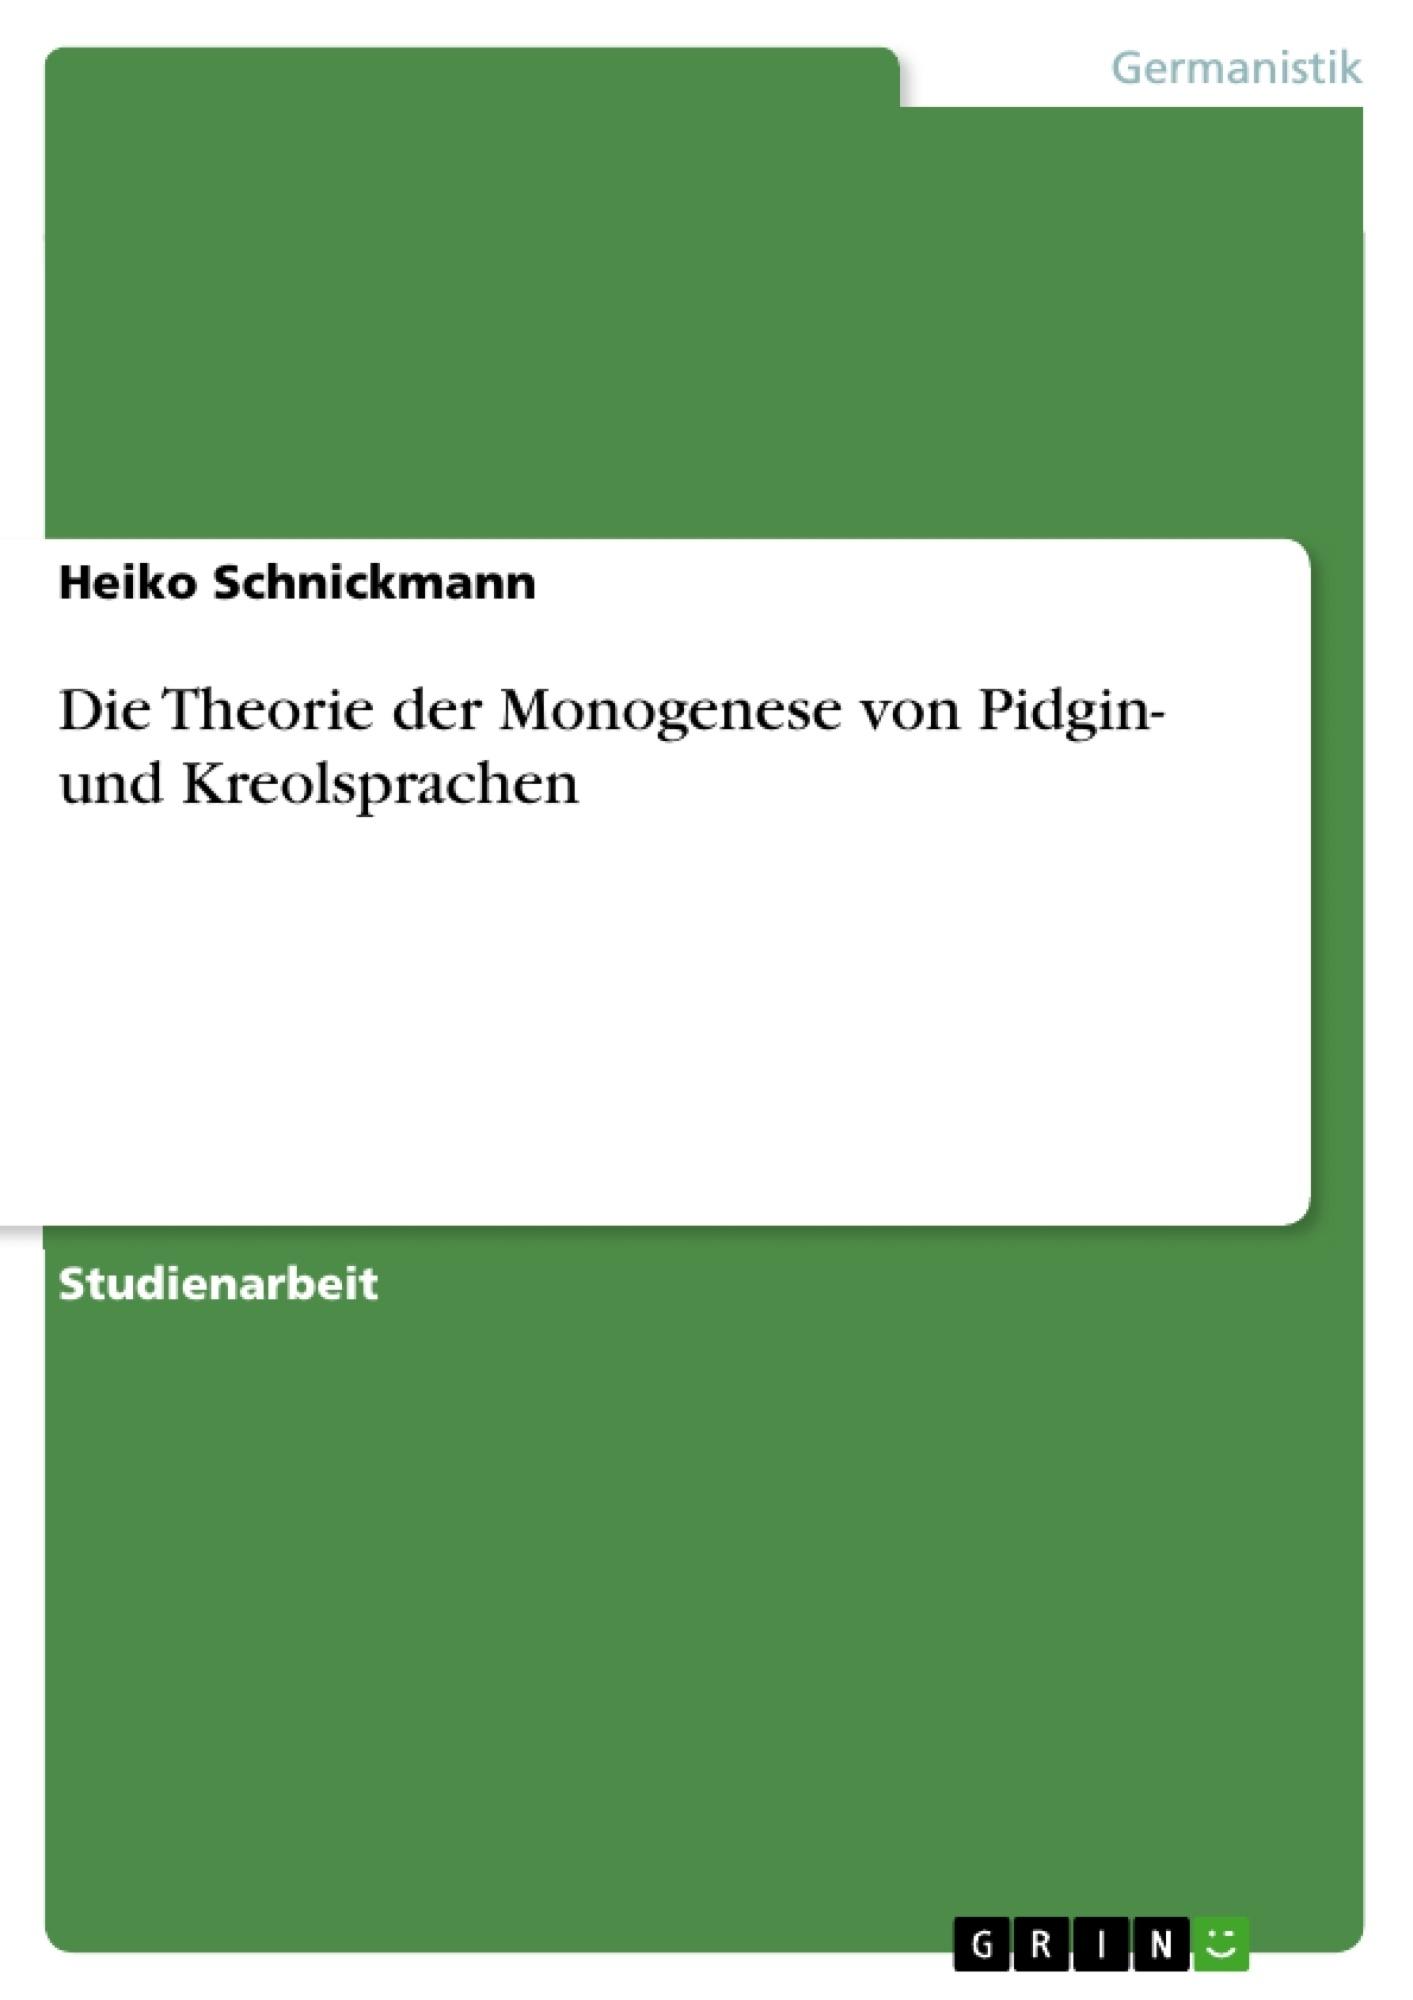 Titel: Die Theorie der Monogenese von Pidgin- und  Kreolsprachen